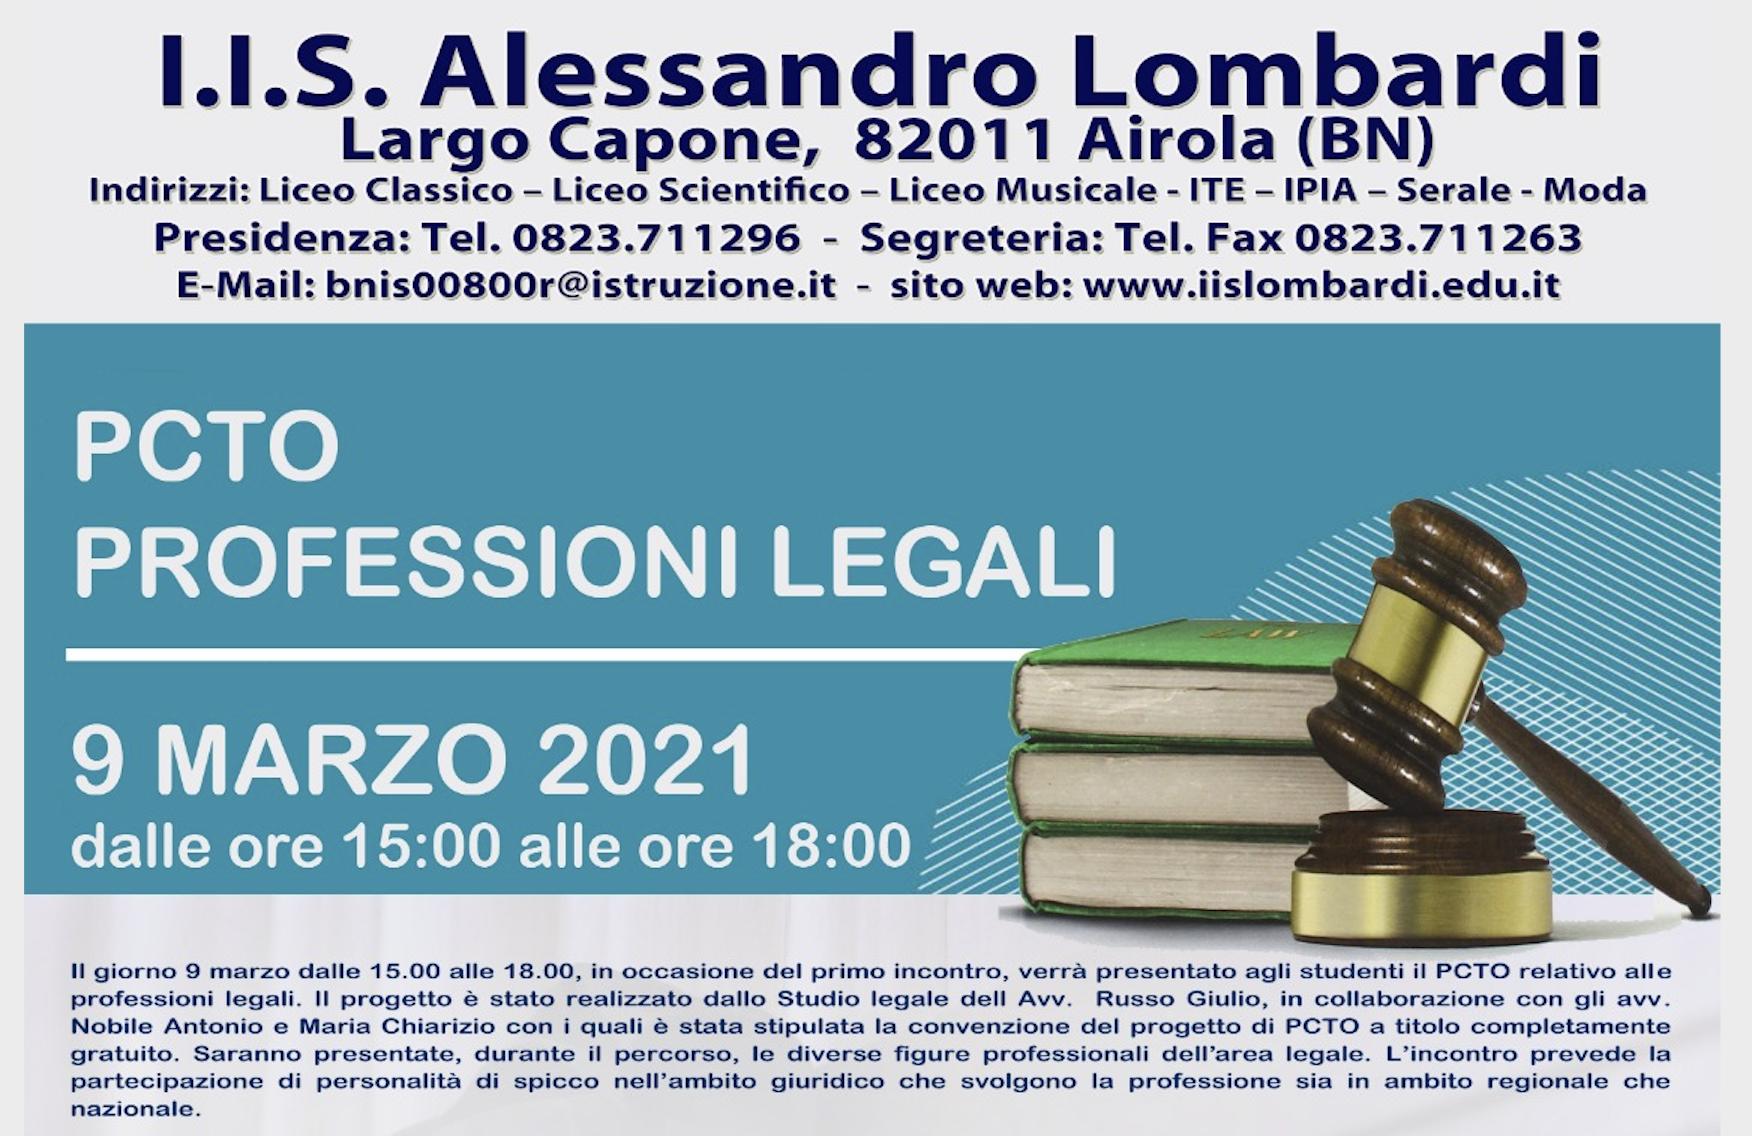 Airola. Istituto Lombardi: progetto PCTO, approccio alle professioni giuridiche e forensi.